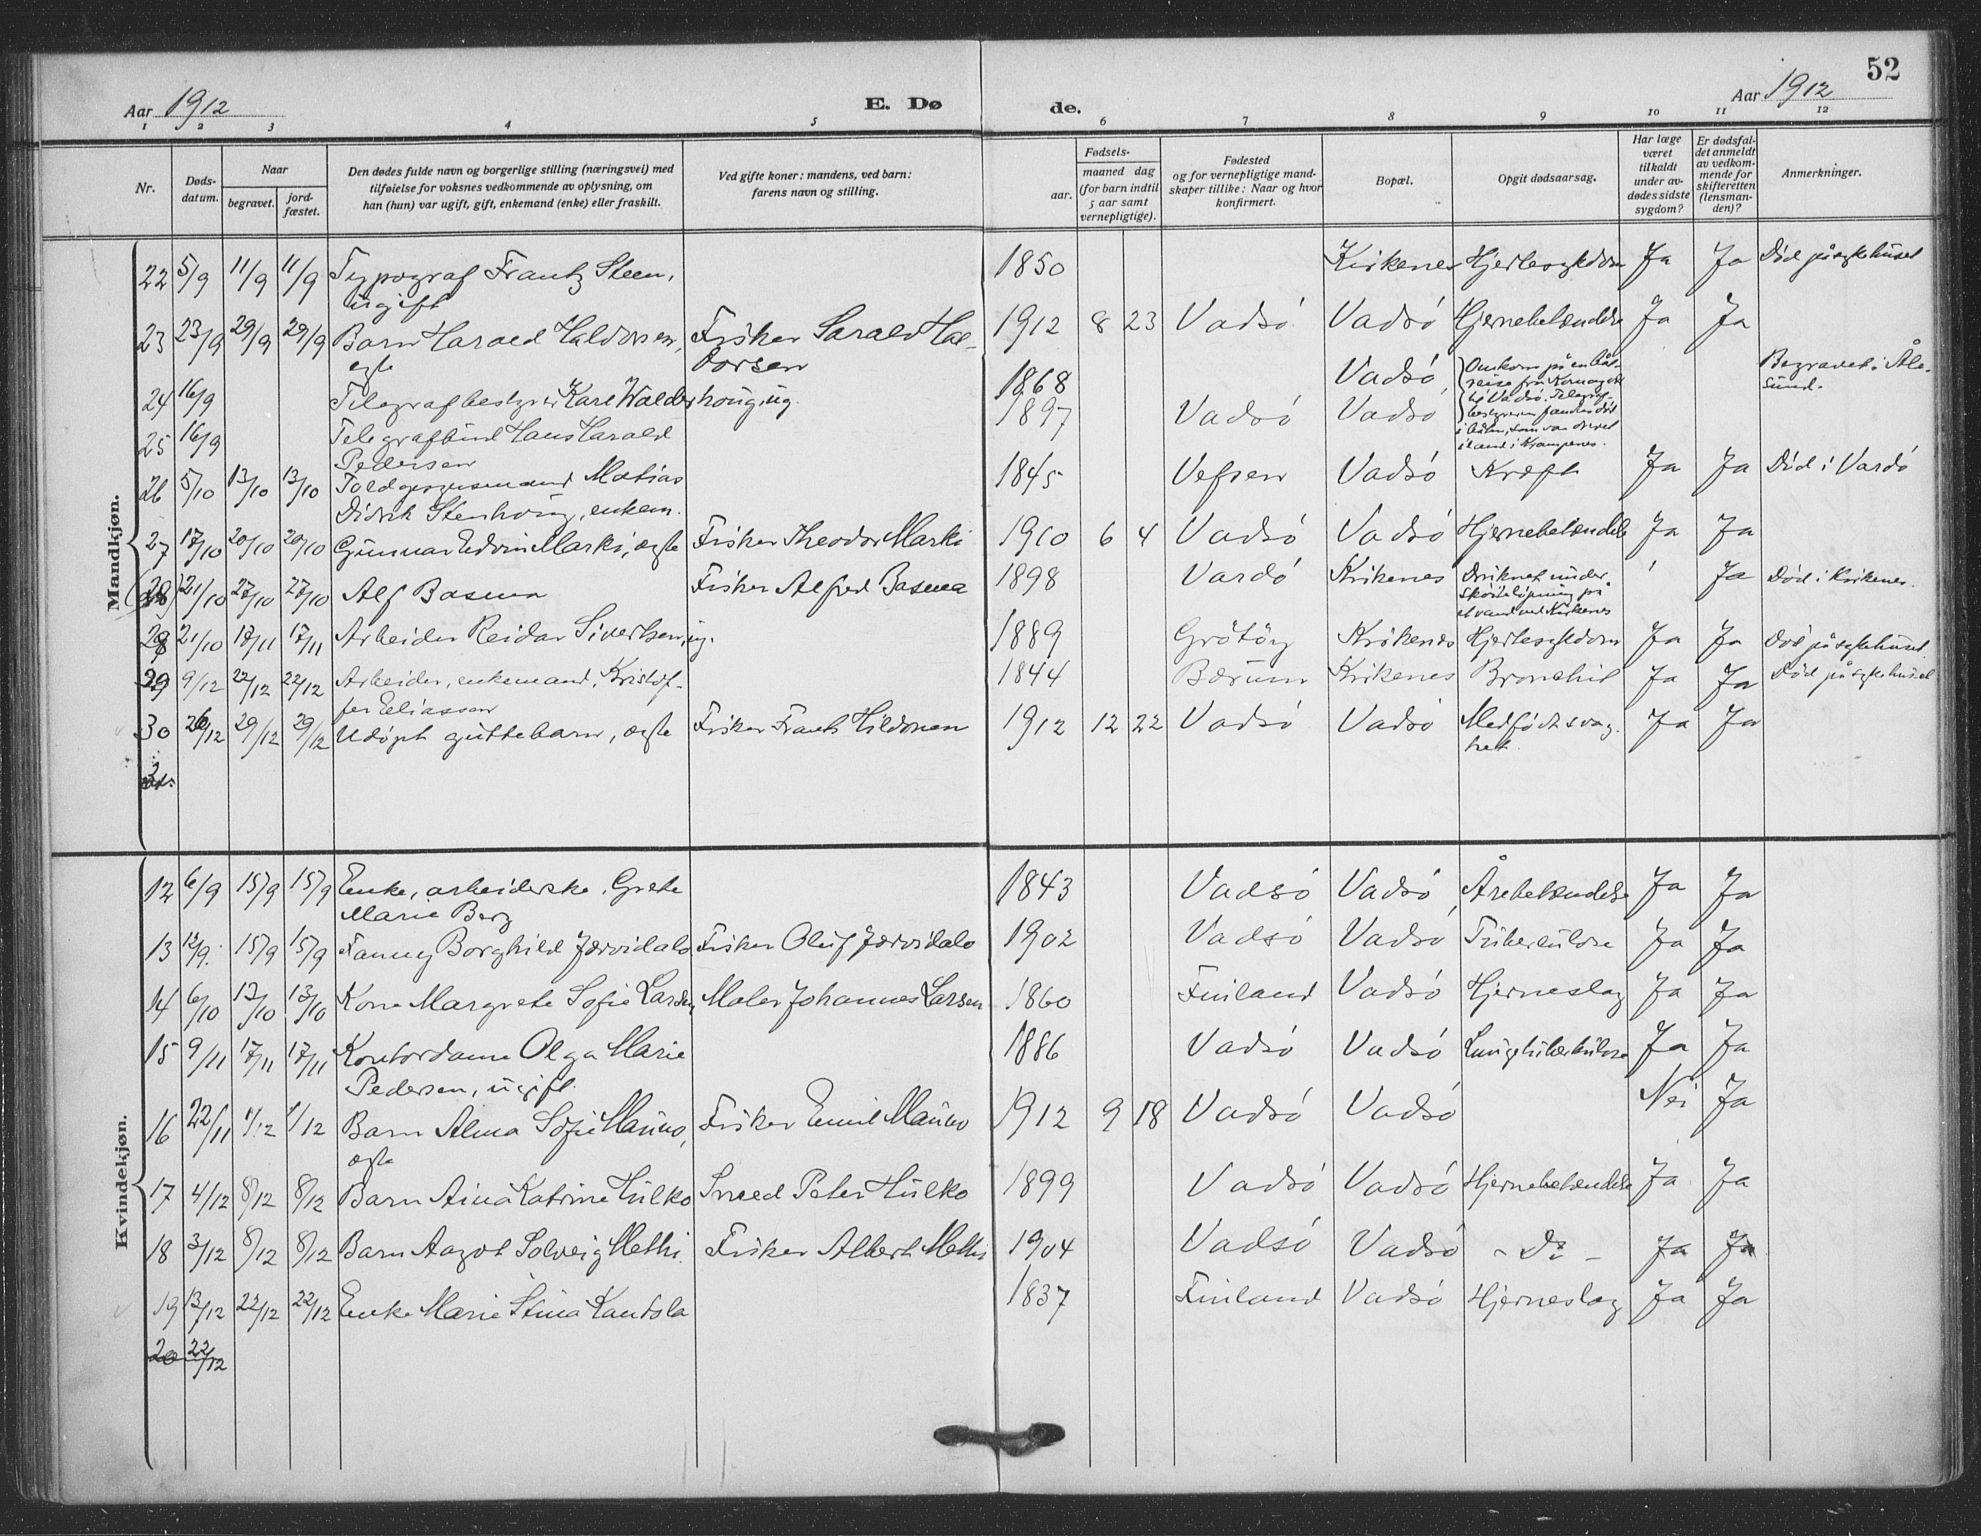 SATØ, Vadsø sokneprestkontor, H/Ha/L0008kirke: Ministerialbok nr. 8, 1912-1930, s. 52